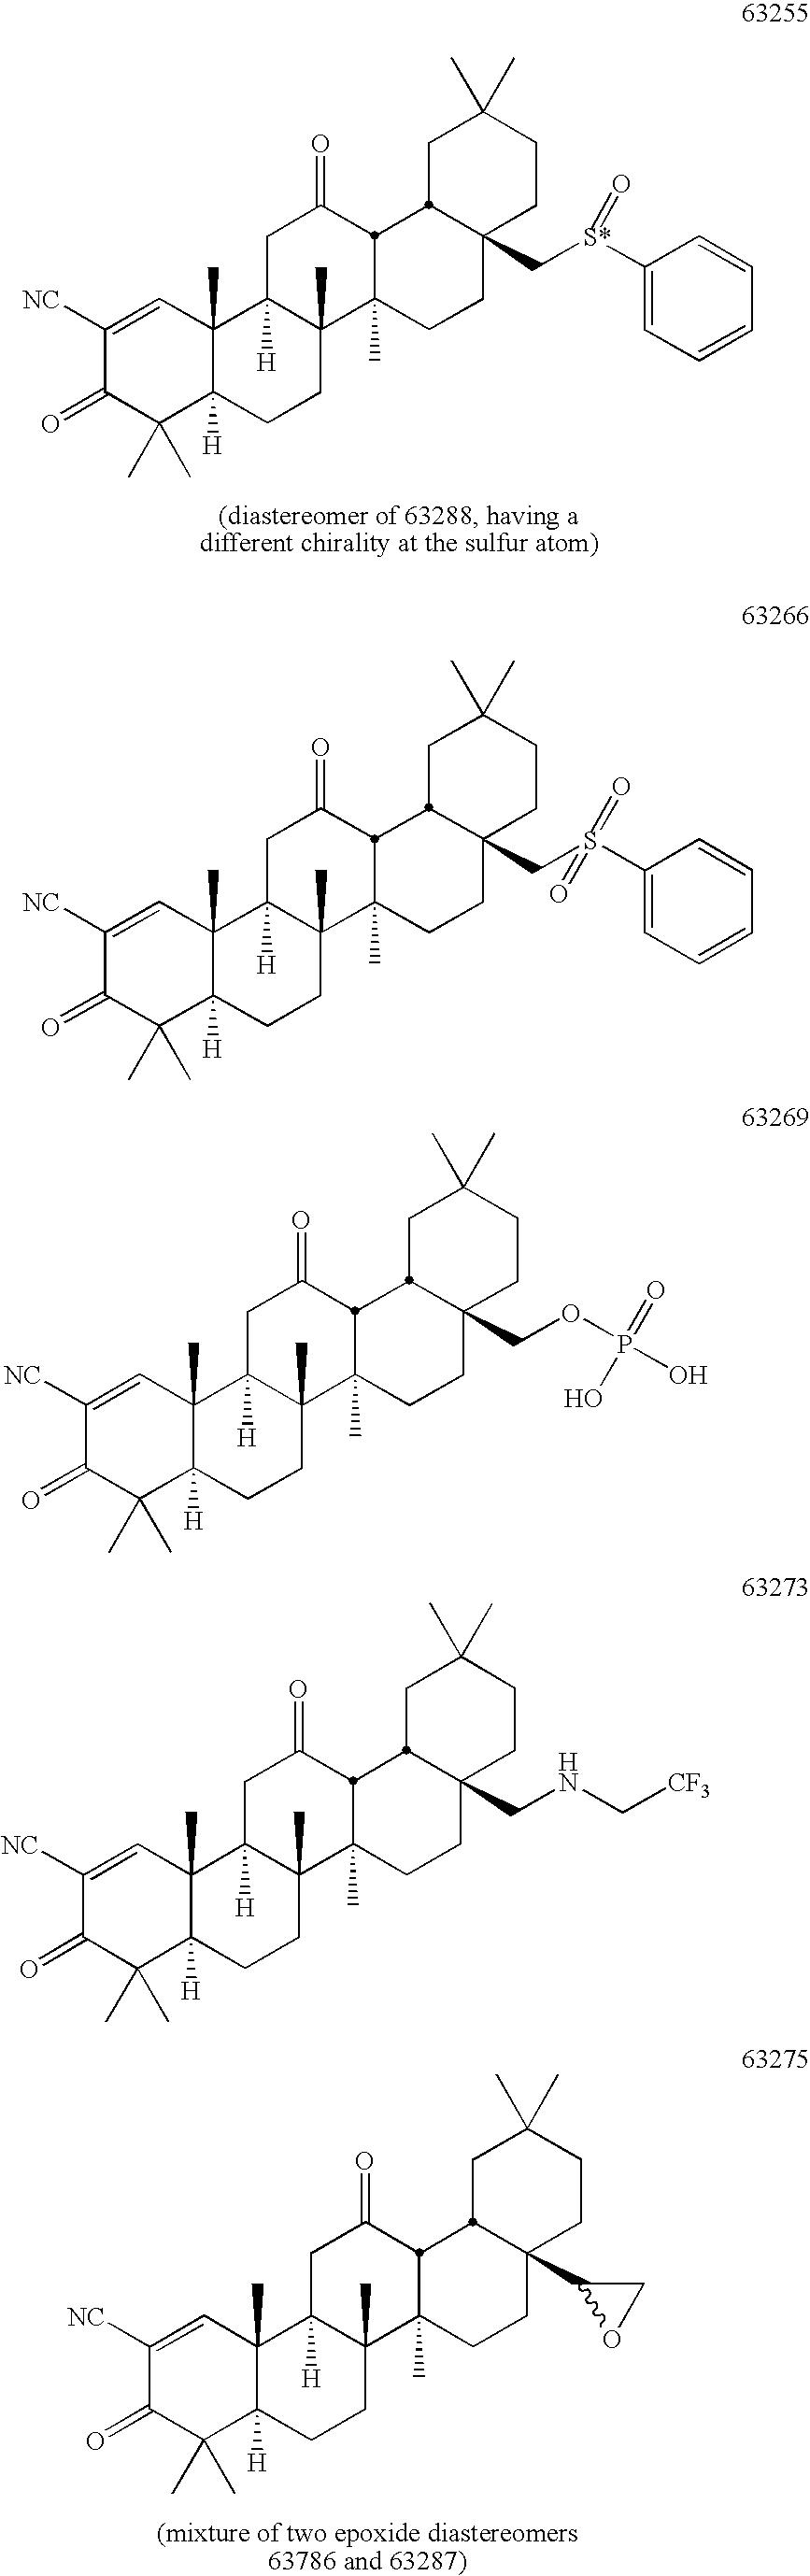 Figure US20100041904A1-20100218-C00020